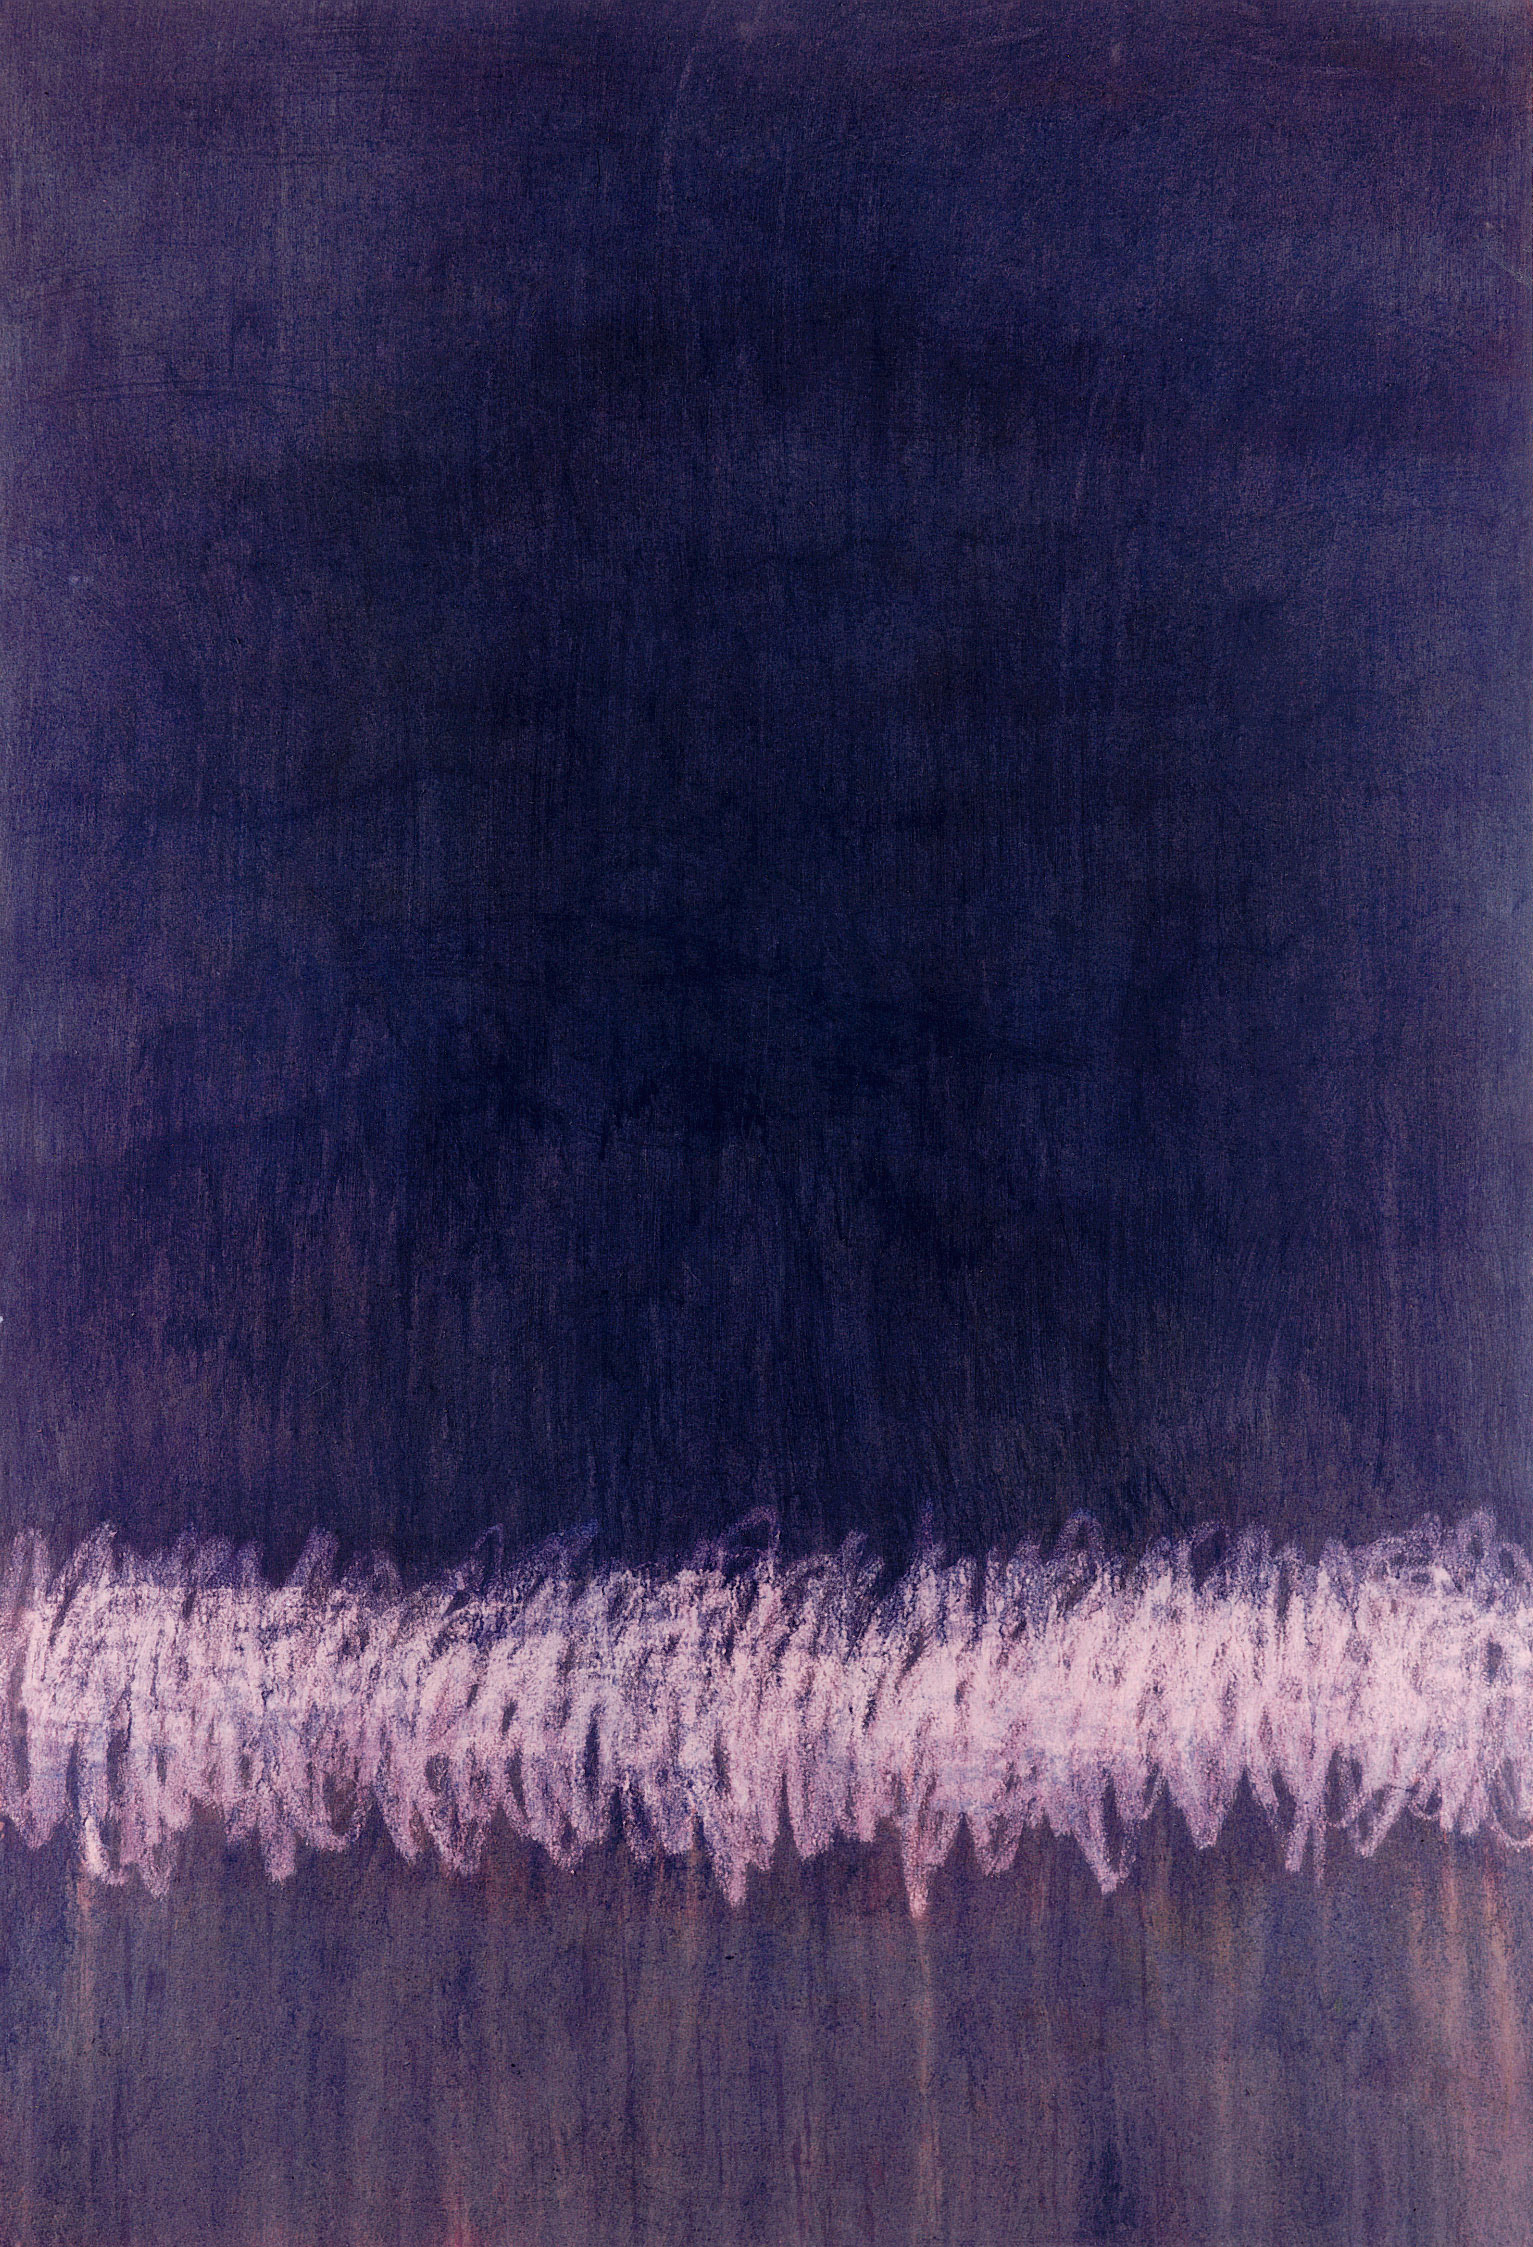 Sense títol,  pintura sobre tela, 195 x 135 centímetres 1996